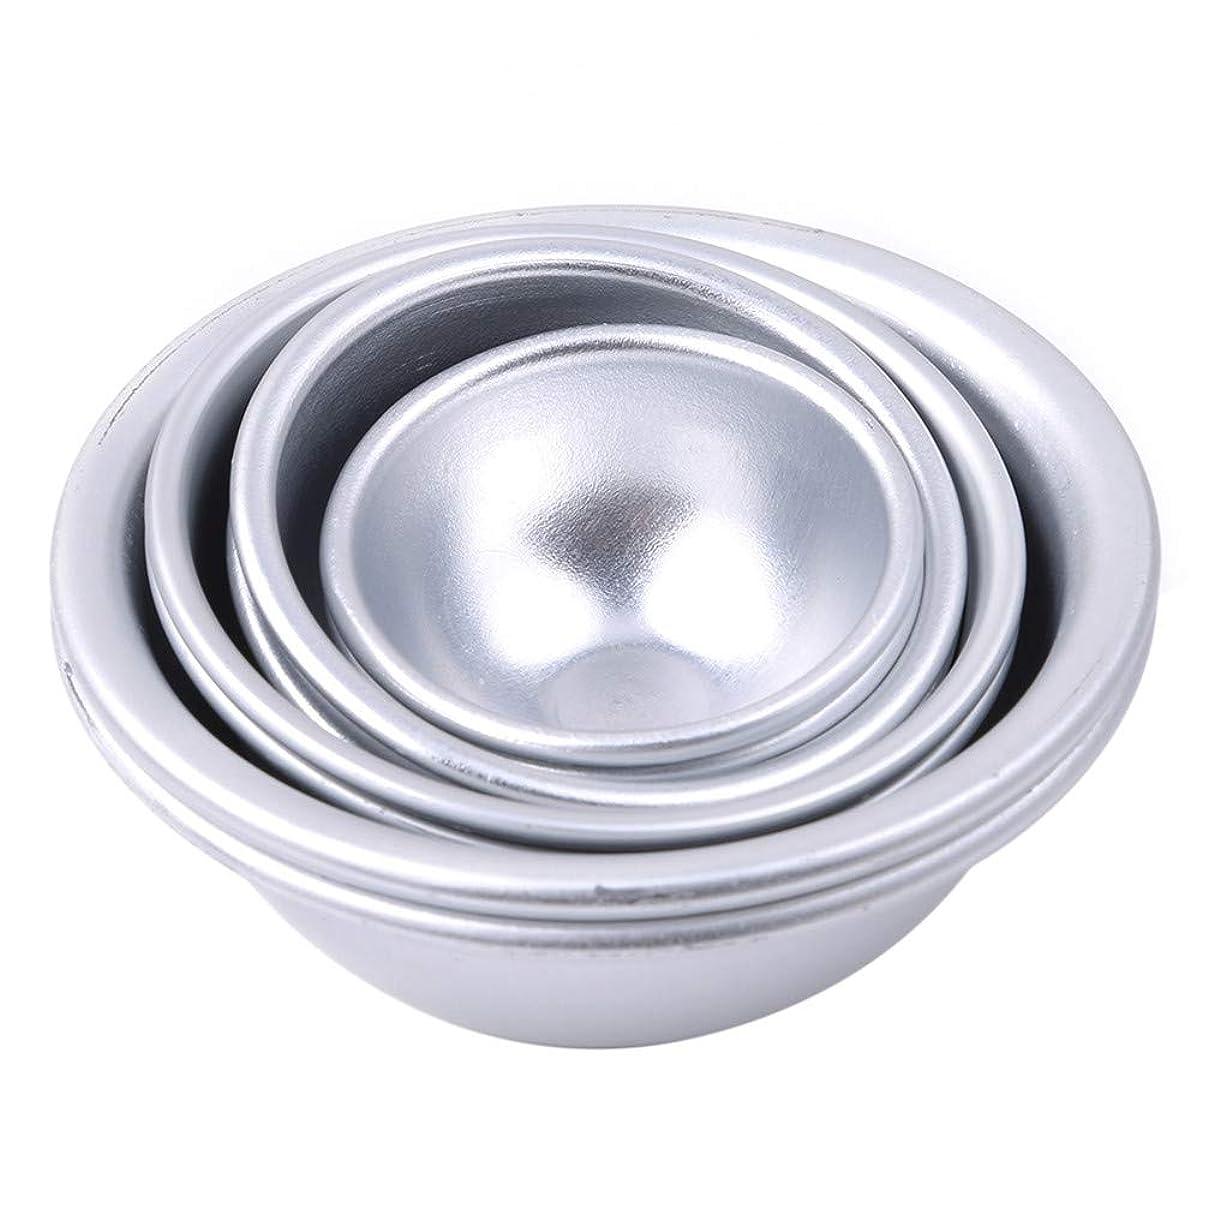 活性化暴君密接にToporchid Diy風呂ボール型アルミ合金入浴ボール手作り石鹸ケーキパンベーキングモールドペストリー作りツール(style2)